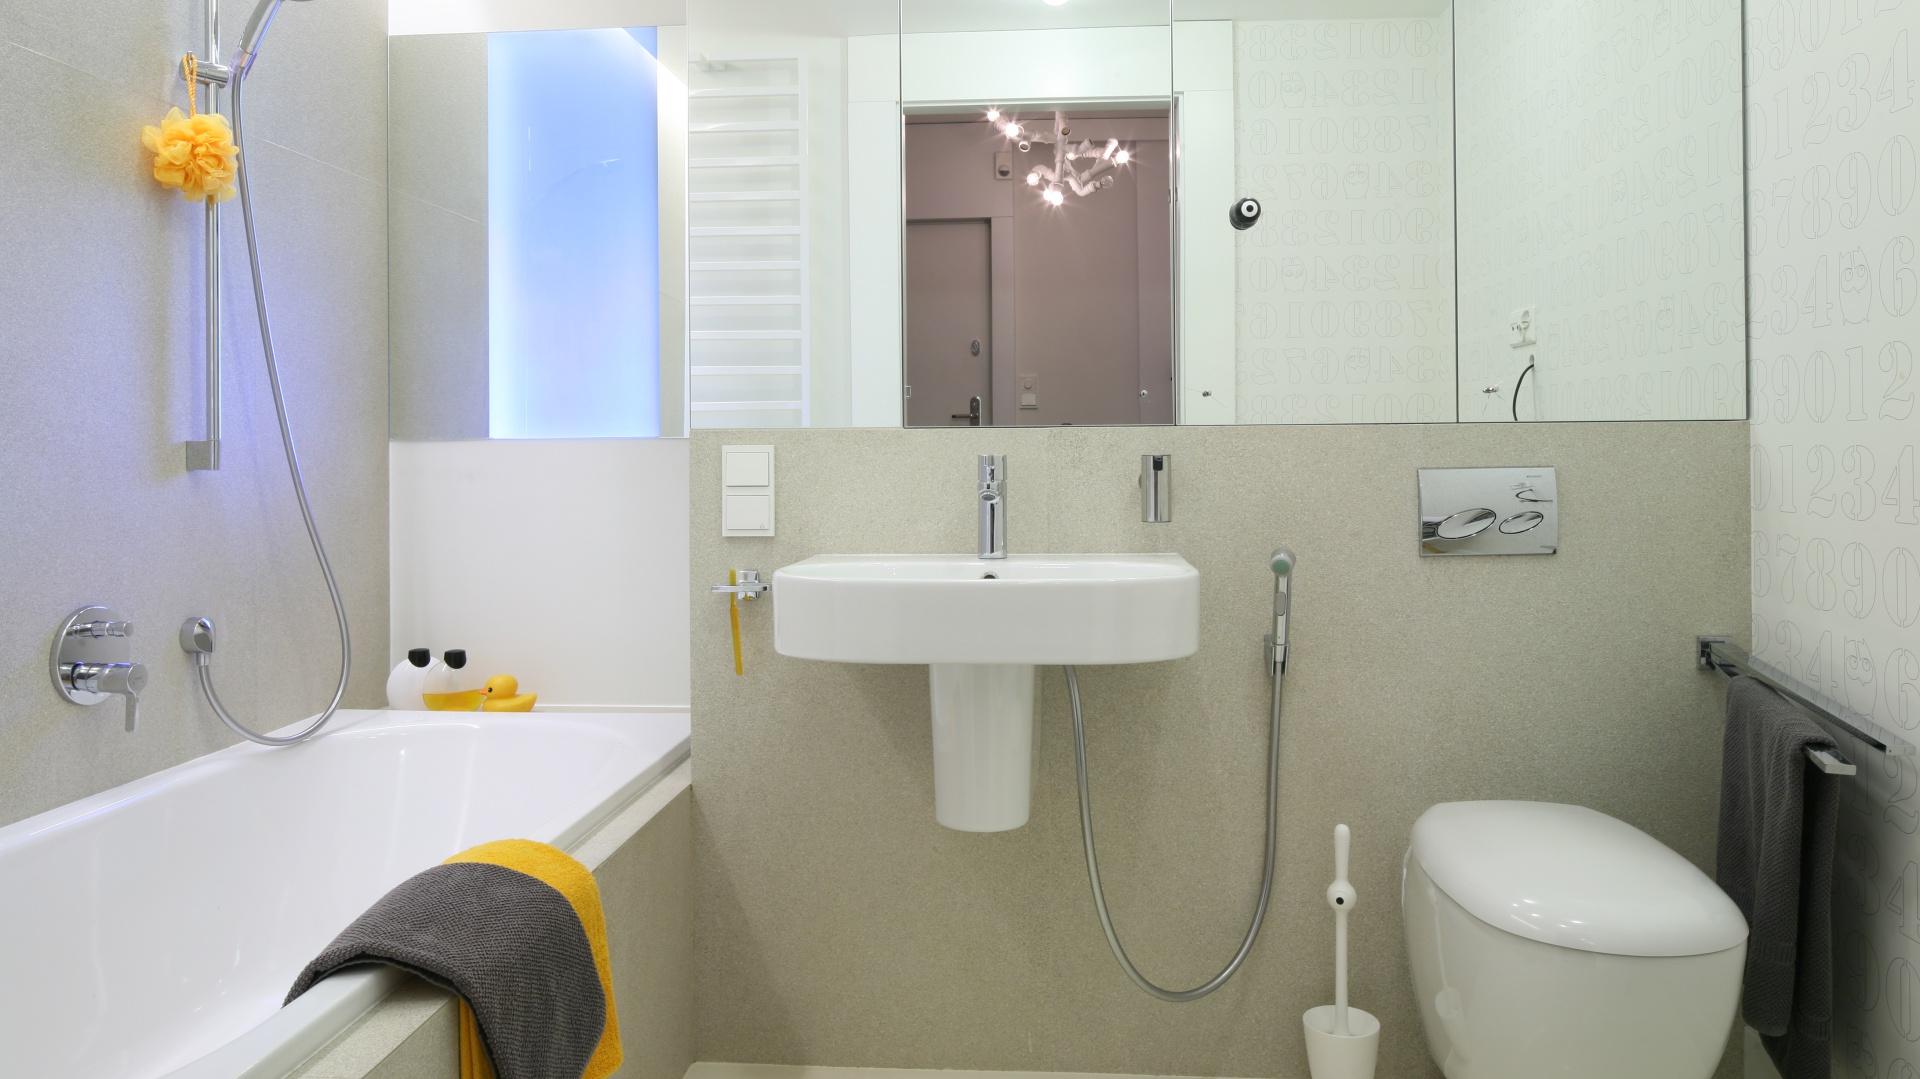 Remont łazienki 12 Pomysłów Na 5 Metrów